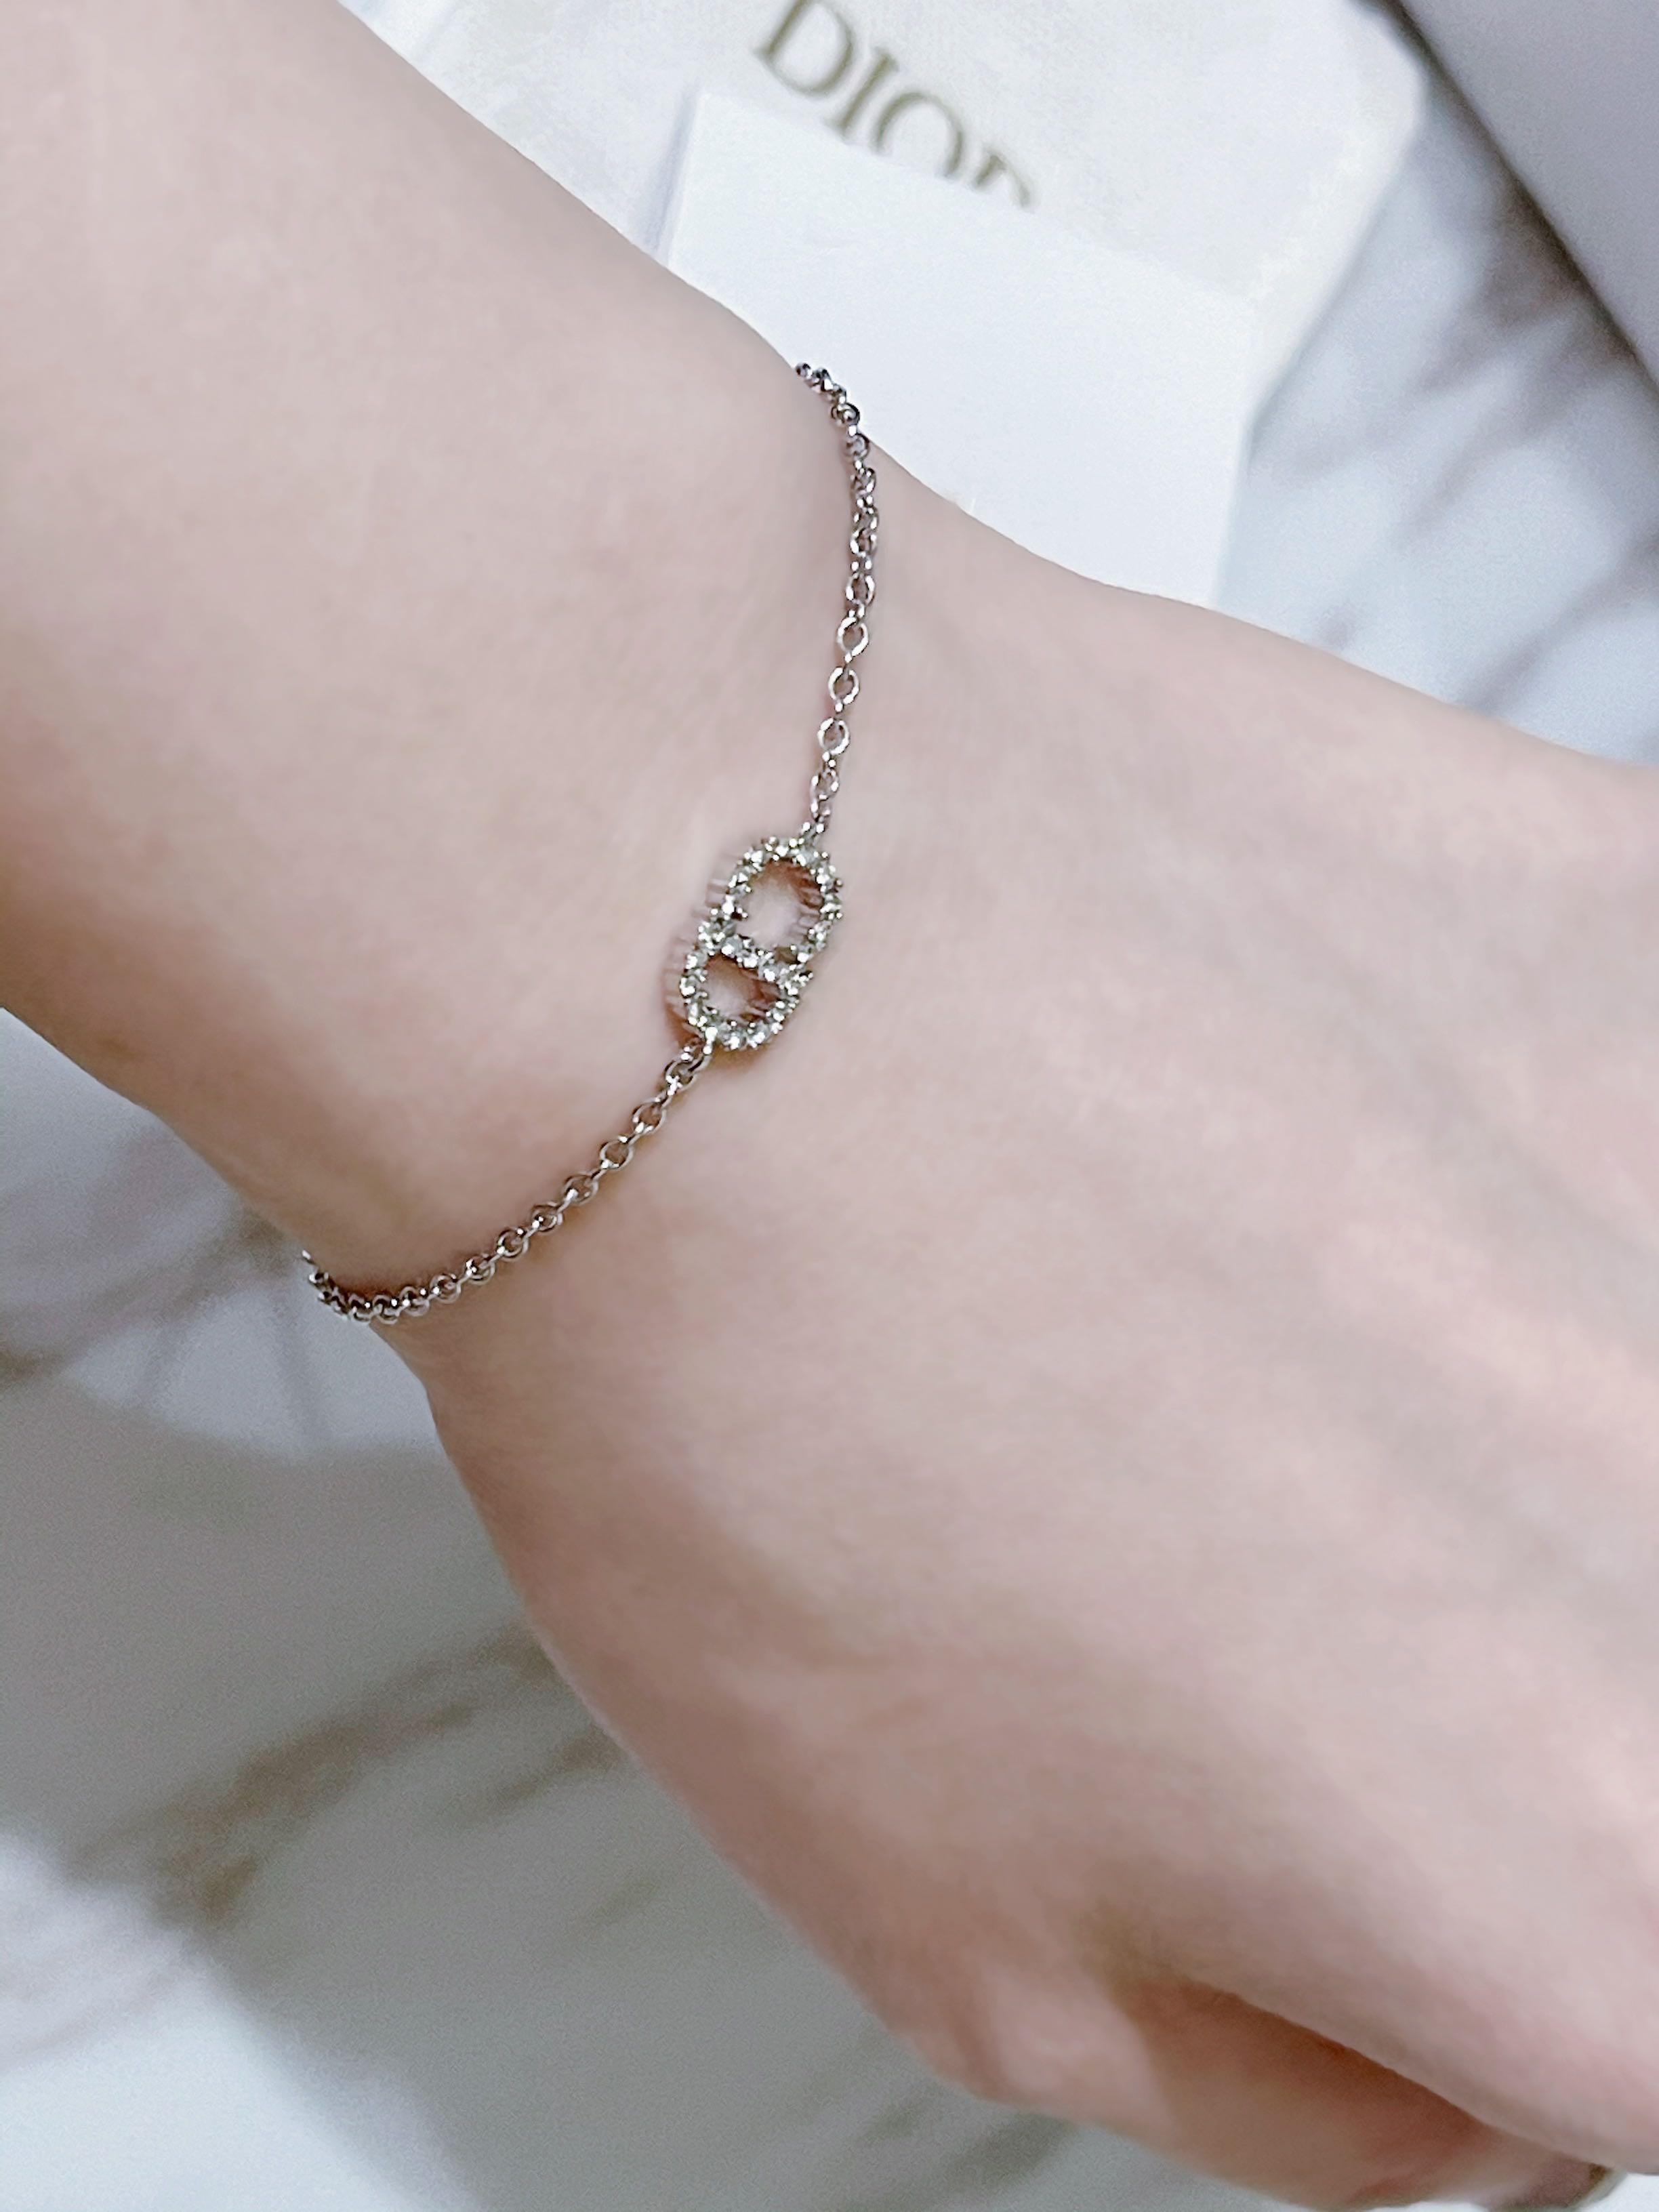 全新精品DIOR迪奧CLAIR D LUNE 水鑽銀色經典款精緻手環手鏈手鍊水